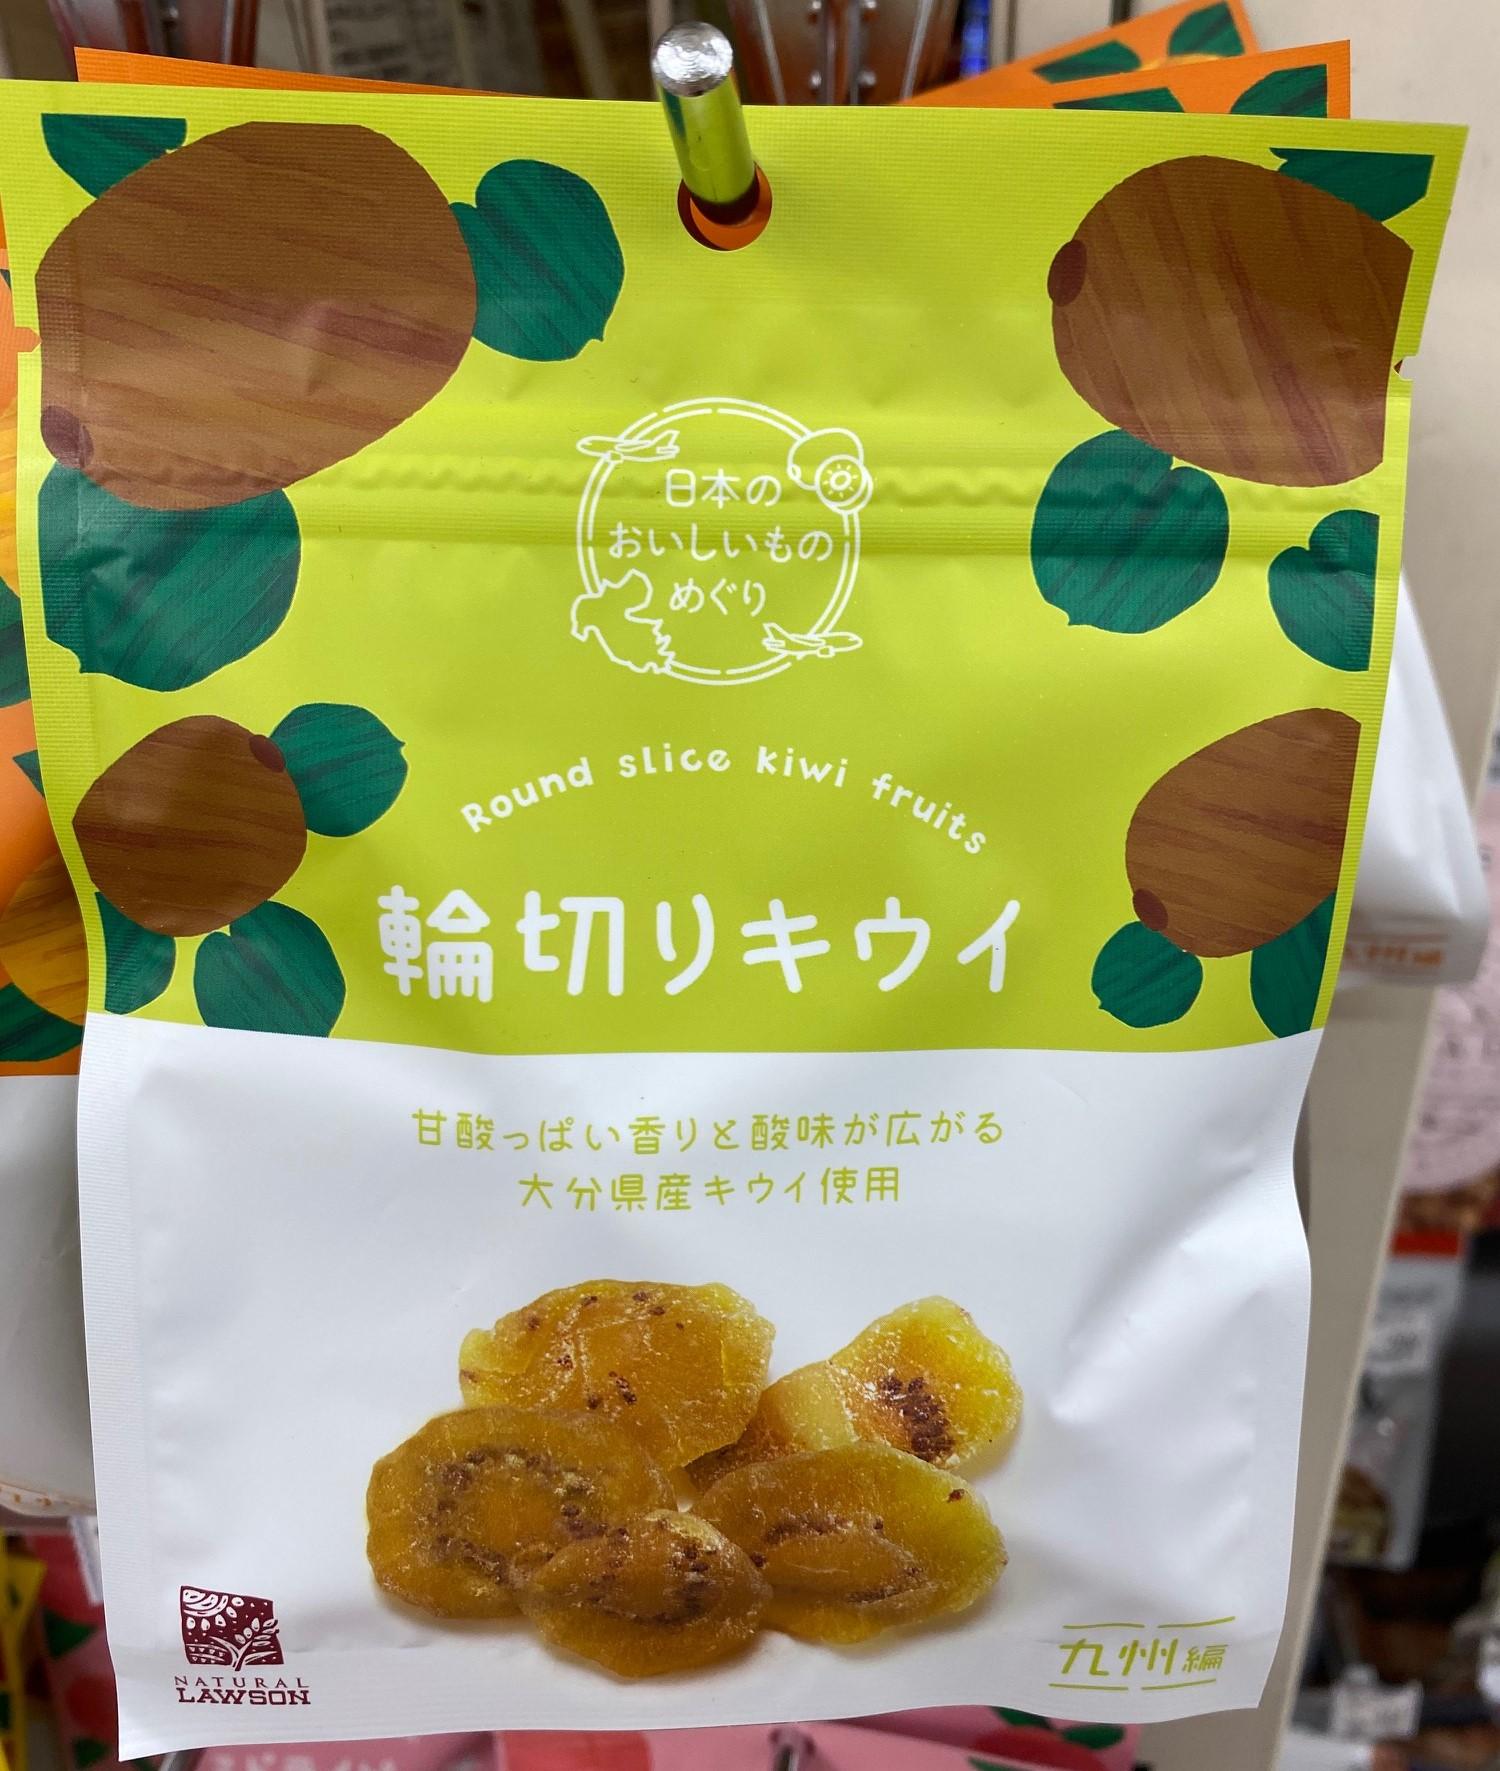 Japan Delicious Food Tour, Round Slice Kiwi Fruits